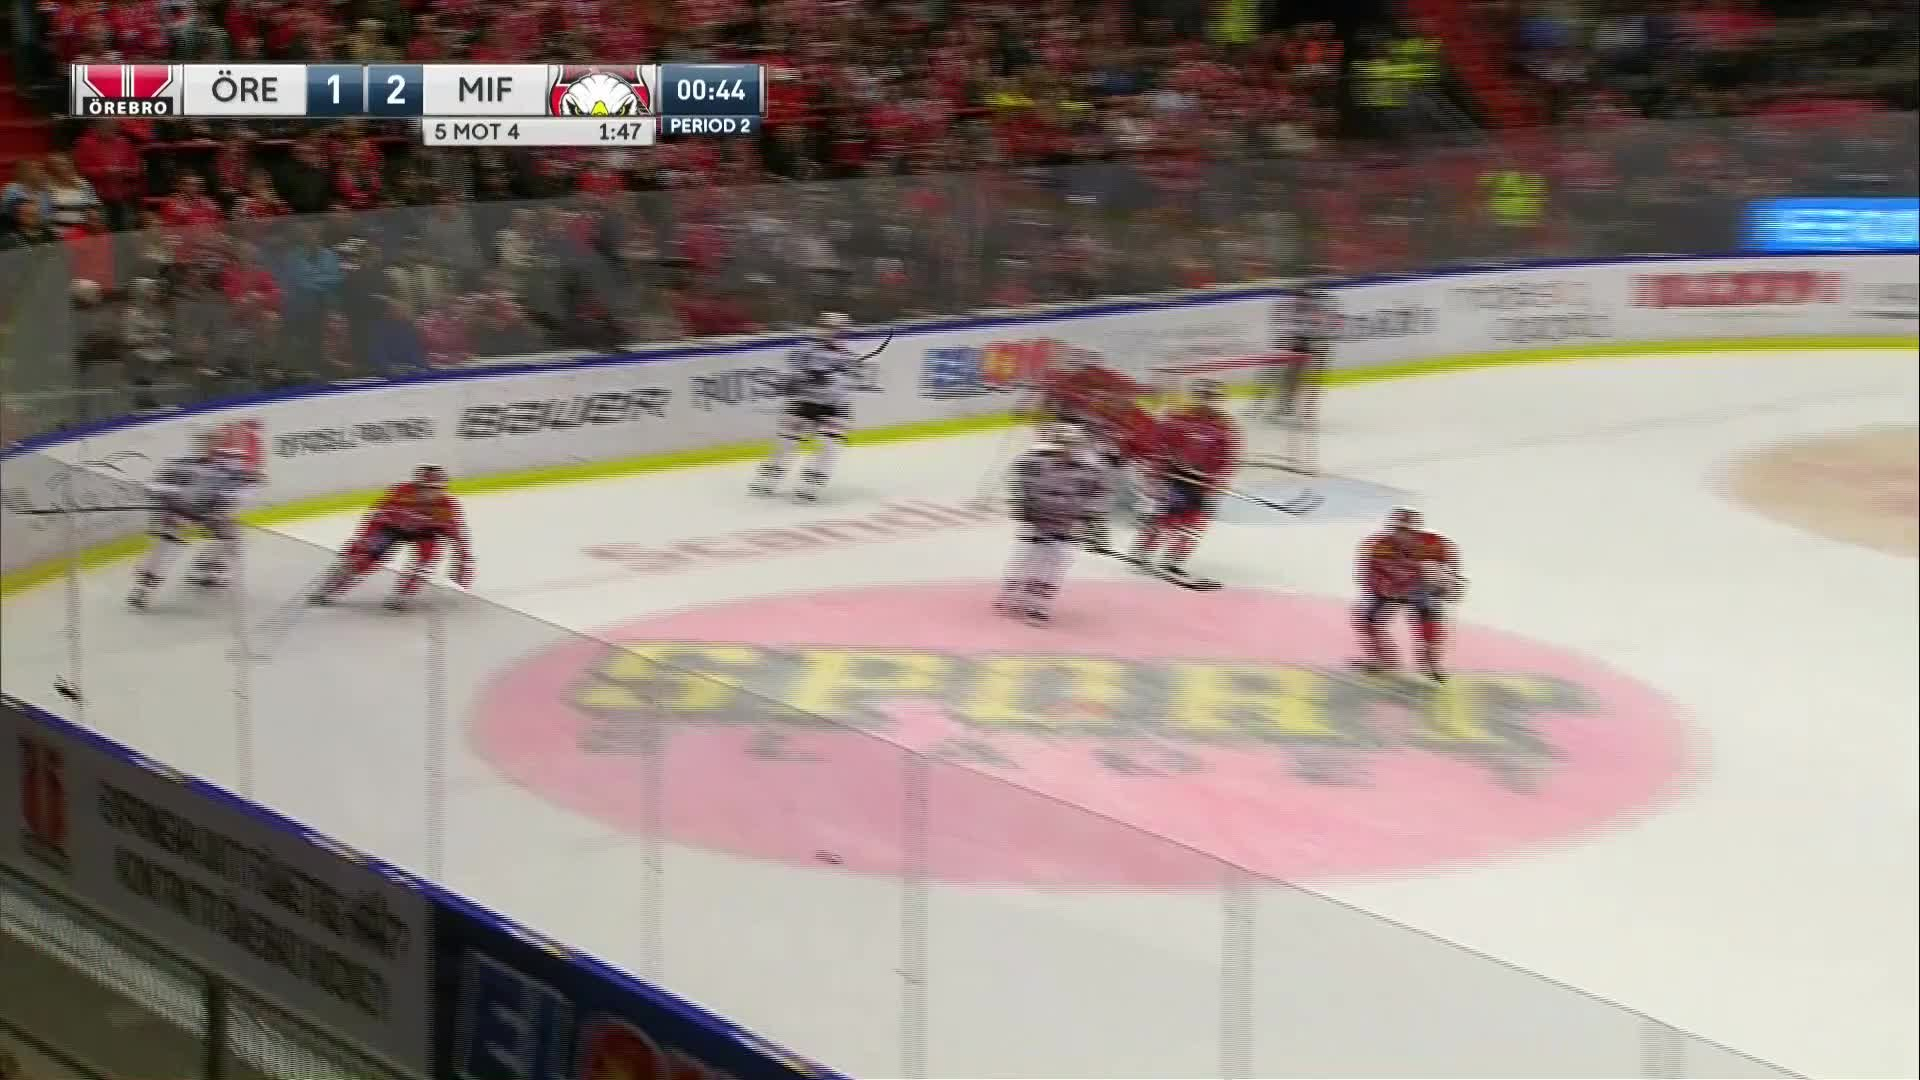 Örebro Hockey - Malmö Redhawks 1-3